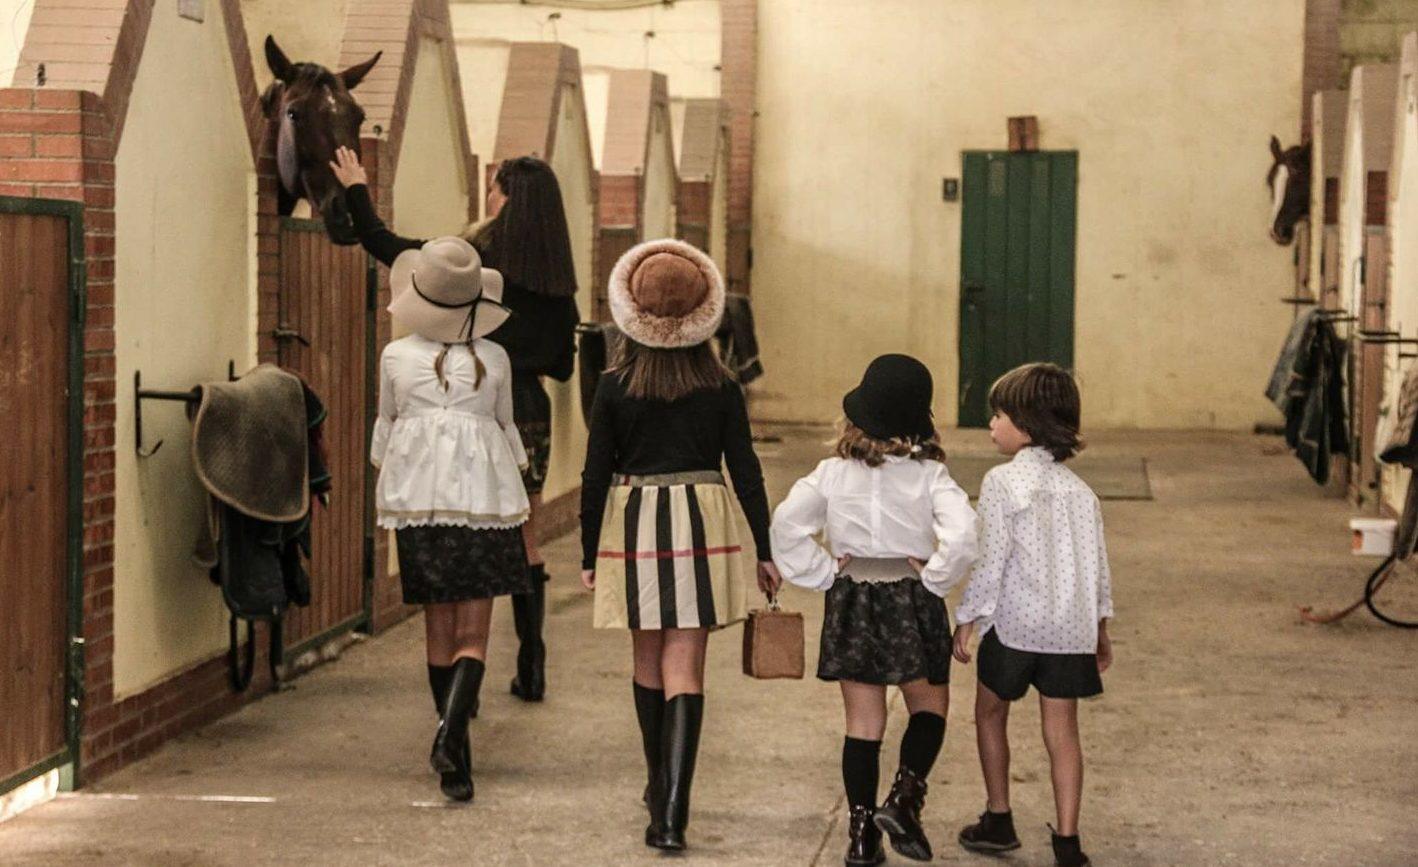 ropa-de-niños-online-moda-otoño-para-niños-online-e1506072195573